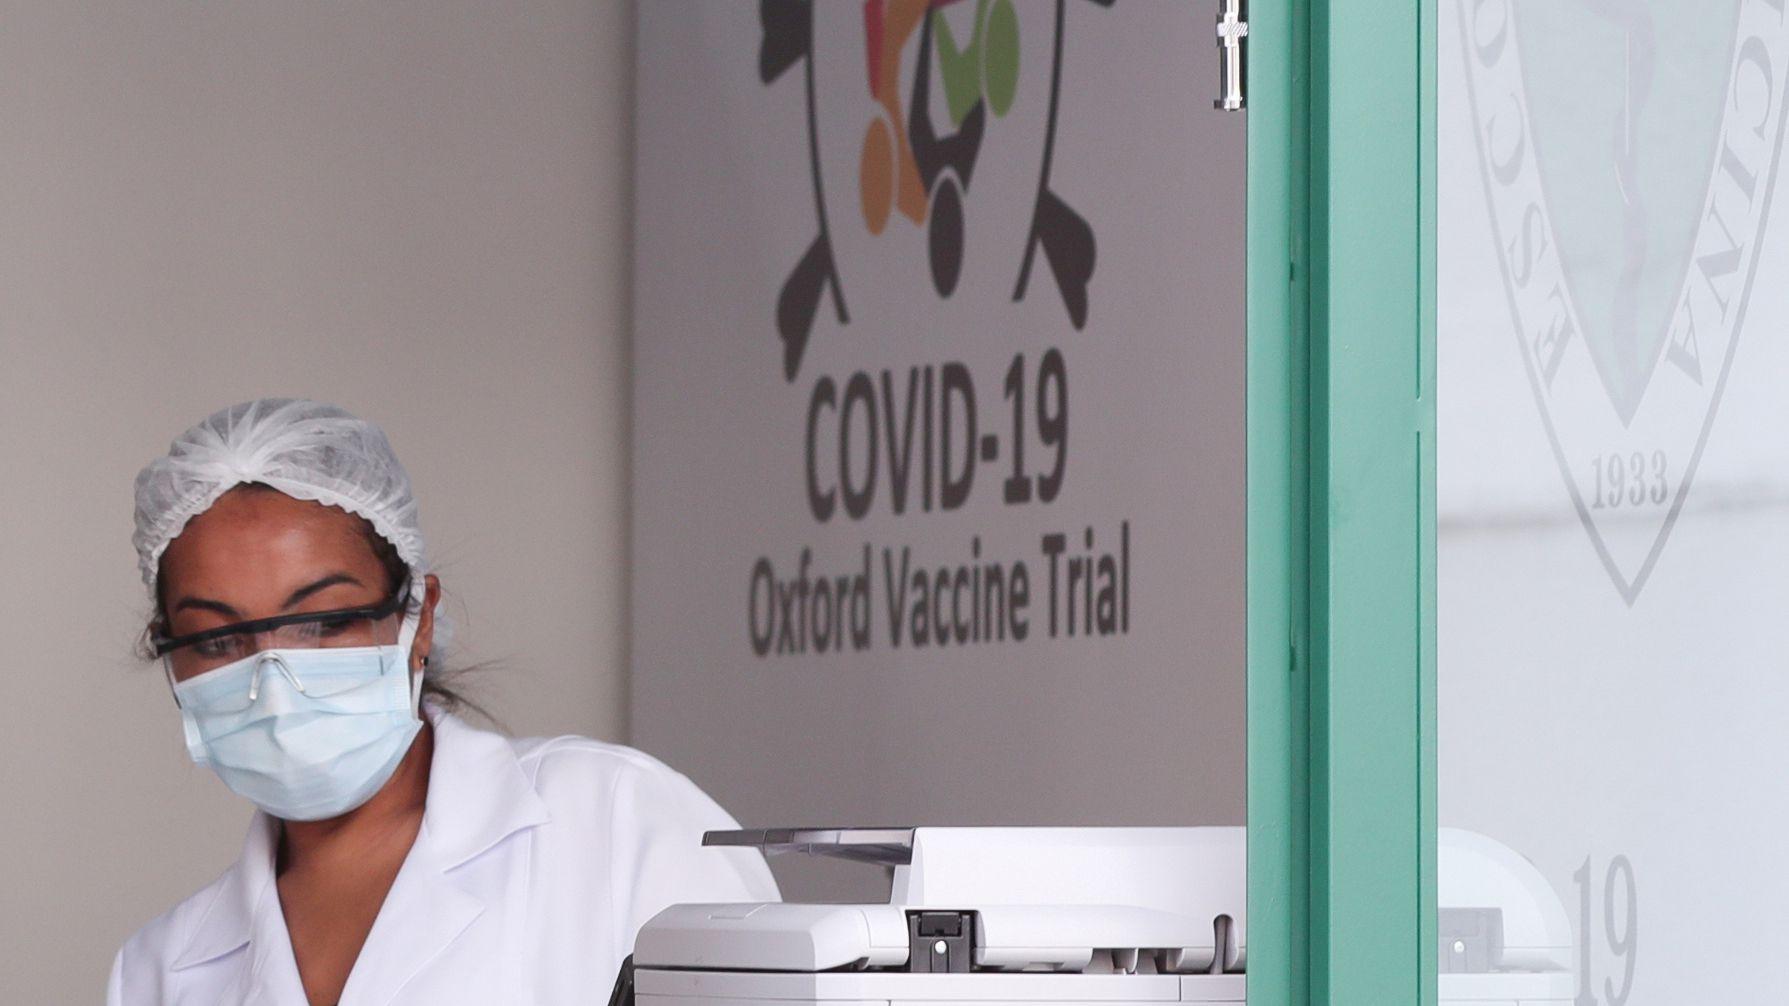 Vacuna covid 19 Oxford